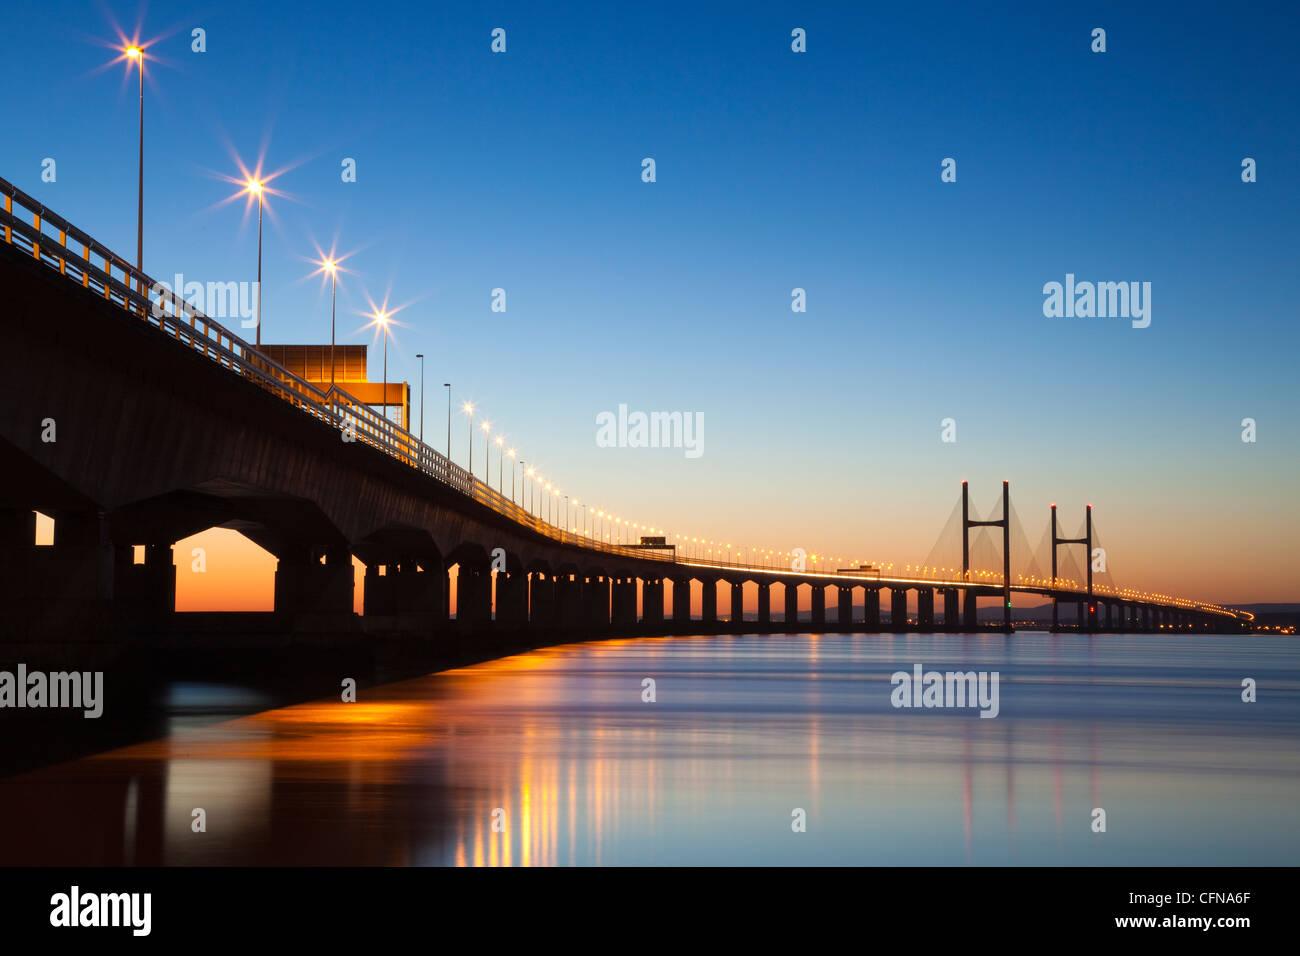 Deuxième Severn Crossing Bridge, South East Wales, Pays de Galles, Royaume-Uni, Europe Photo Stock